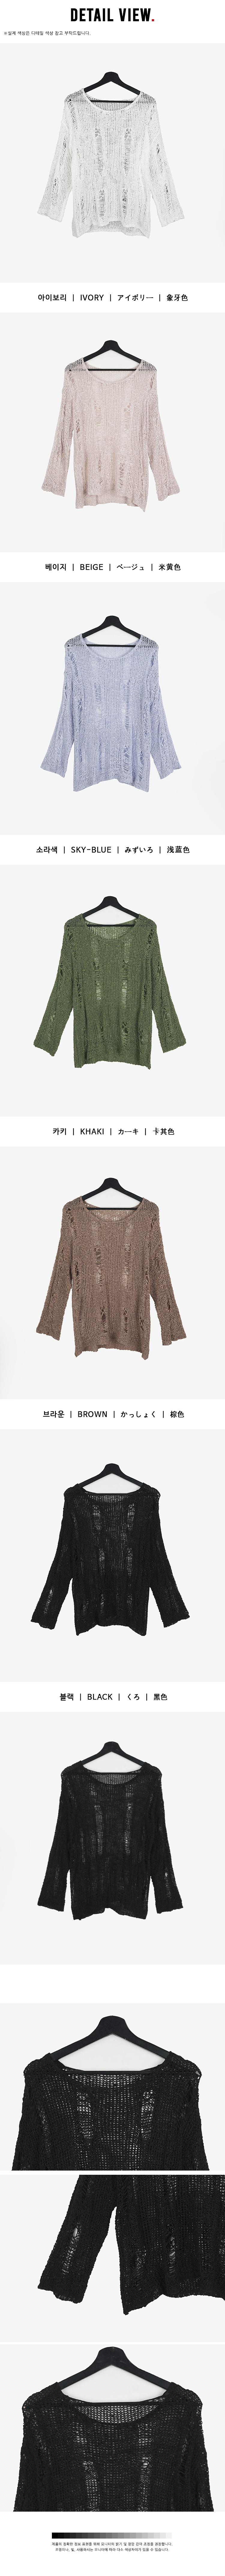 IFU Damage Net Knitwear